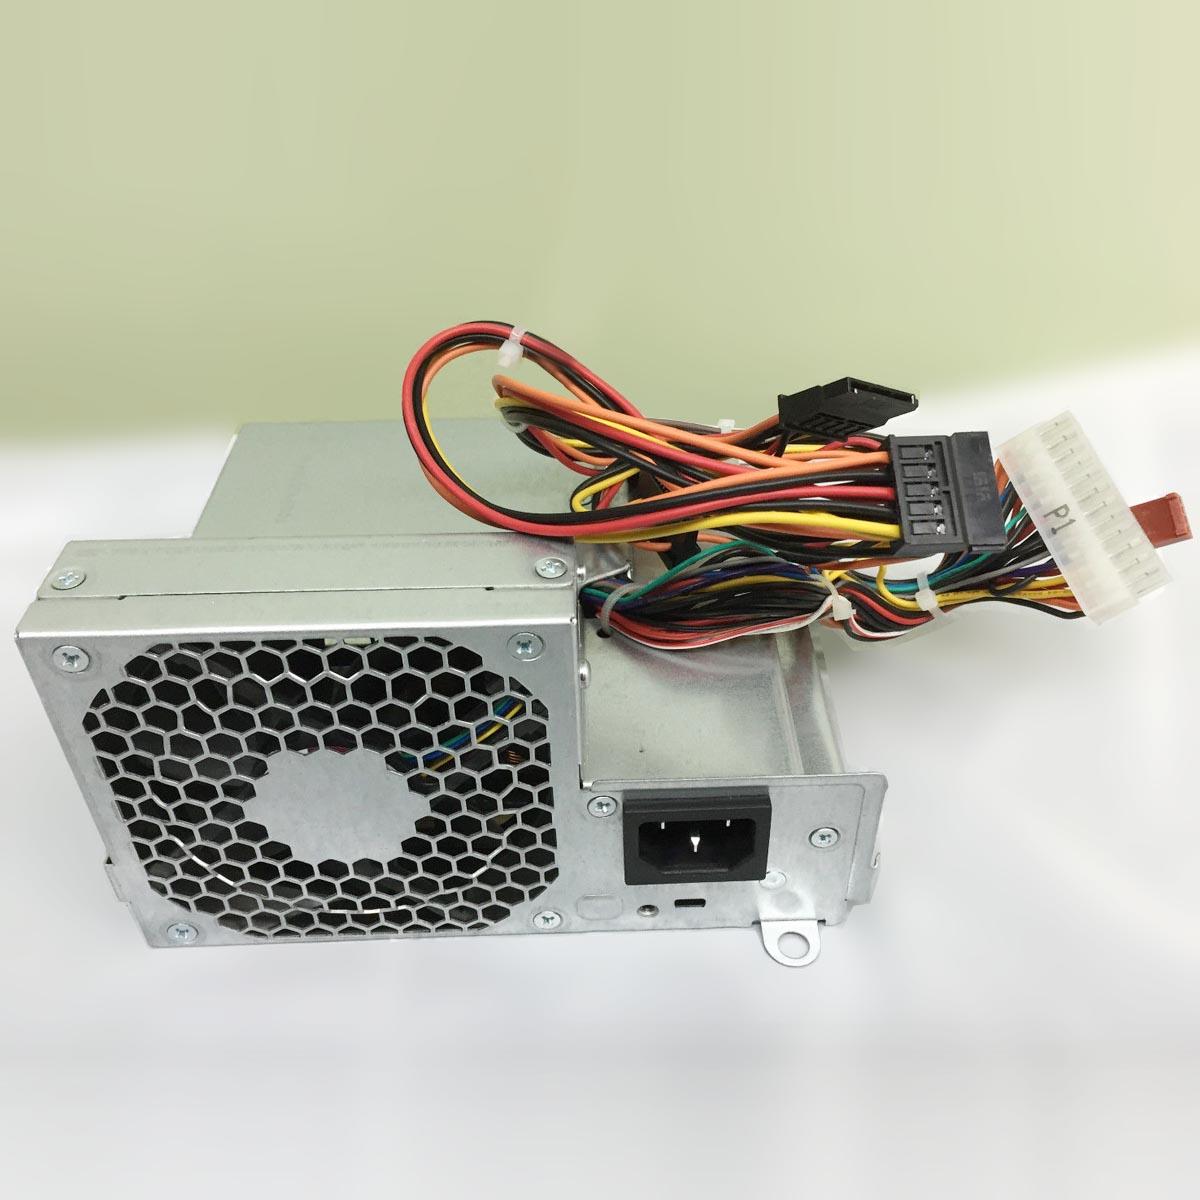 HP 321632-001 338022-001 367238-001 DPS-600PB B 575W PSU//Alimentatore